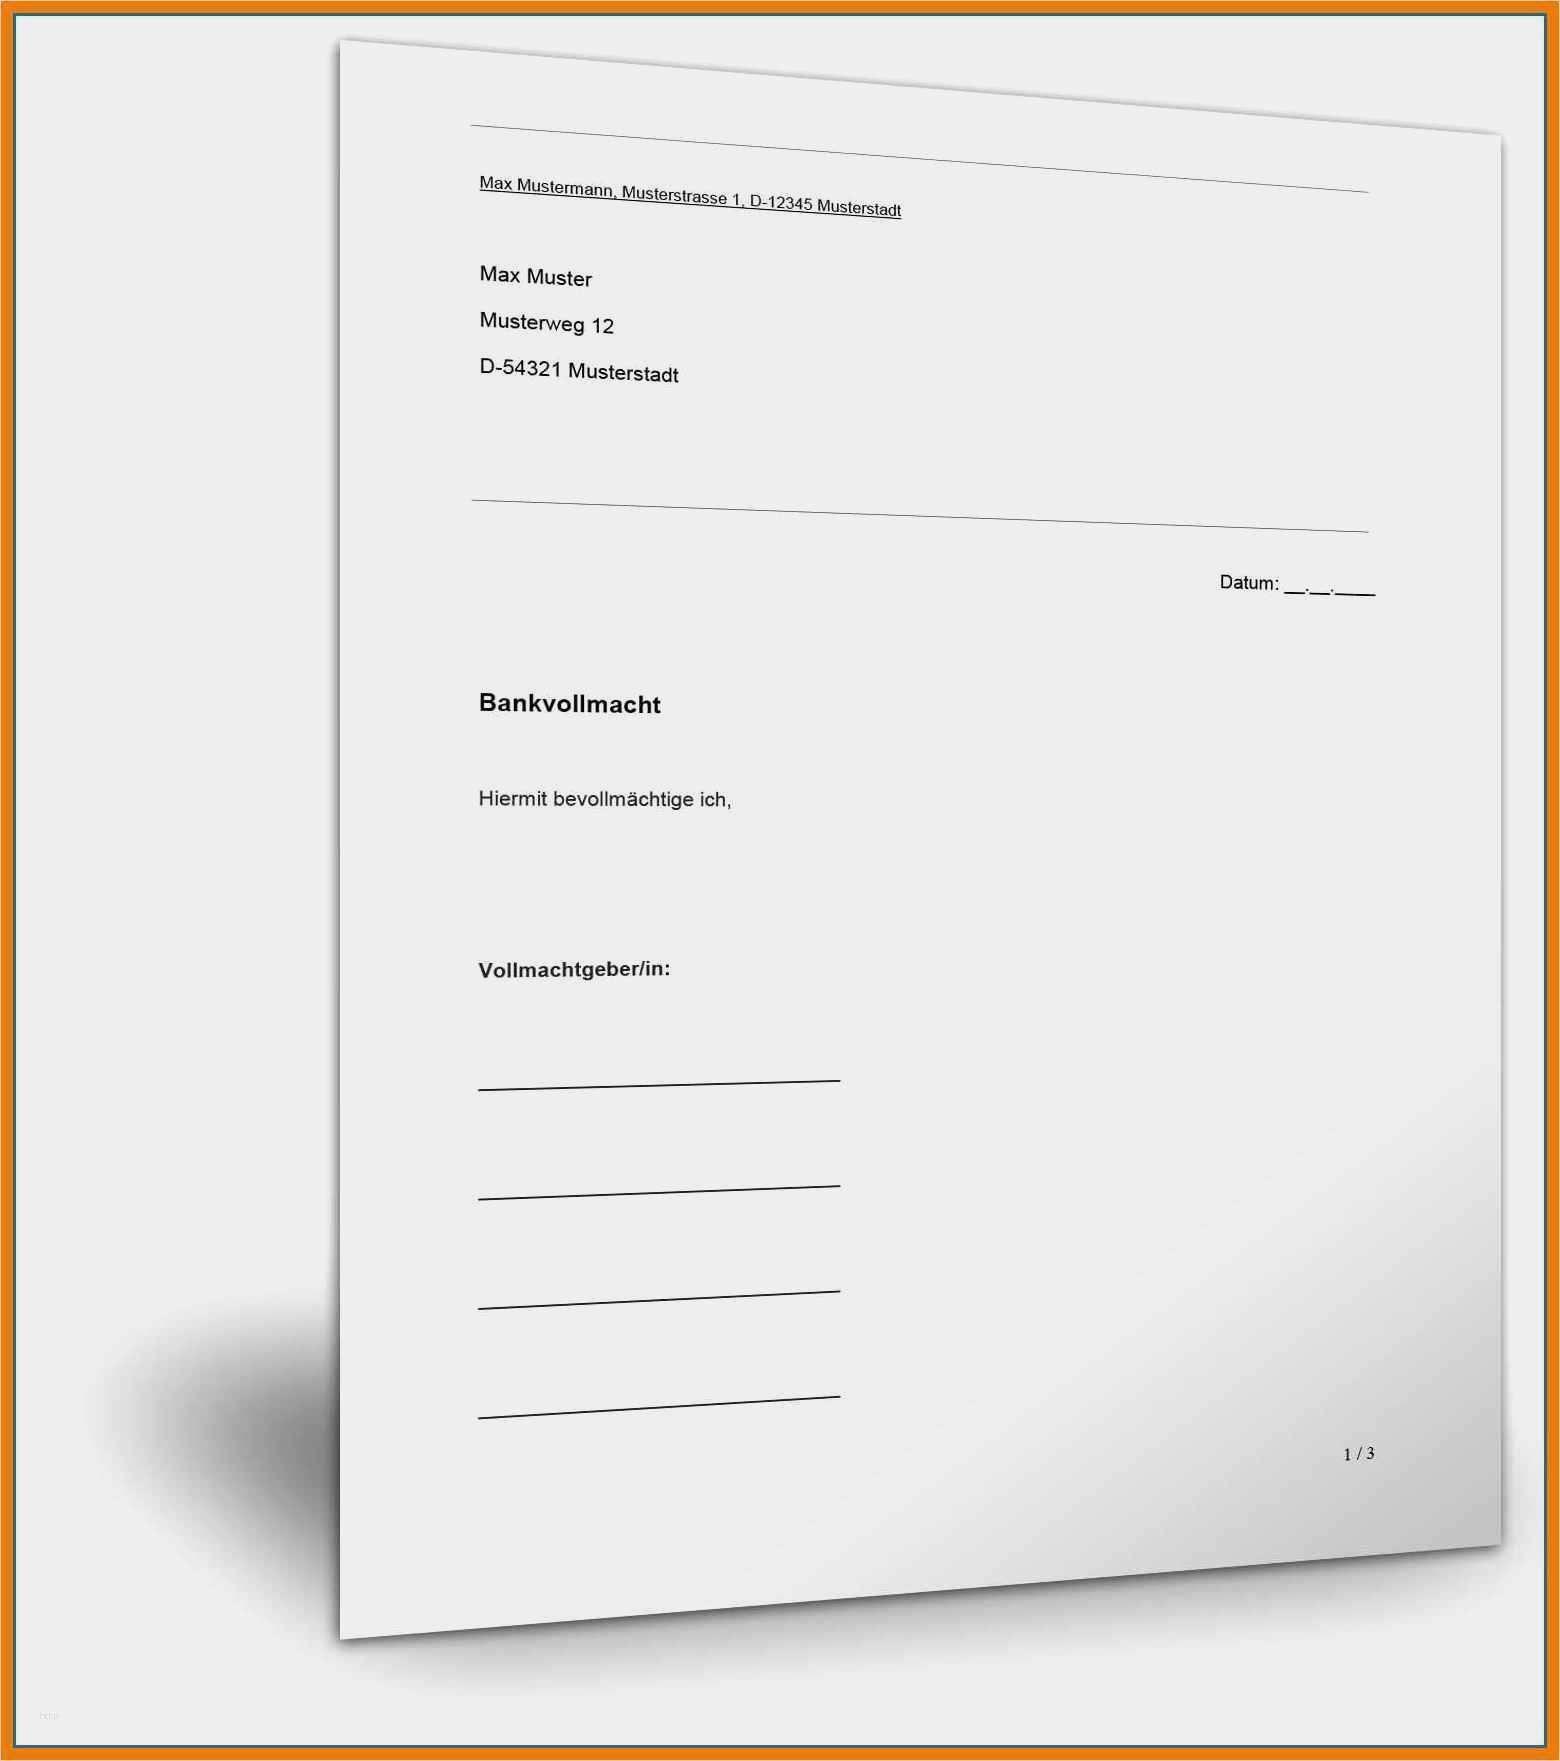 39 Genial Falschparker Zettel Vorlage Ideen In 2020 Vorlagen Falschparker Zeugnis Vorlage